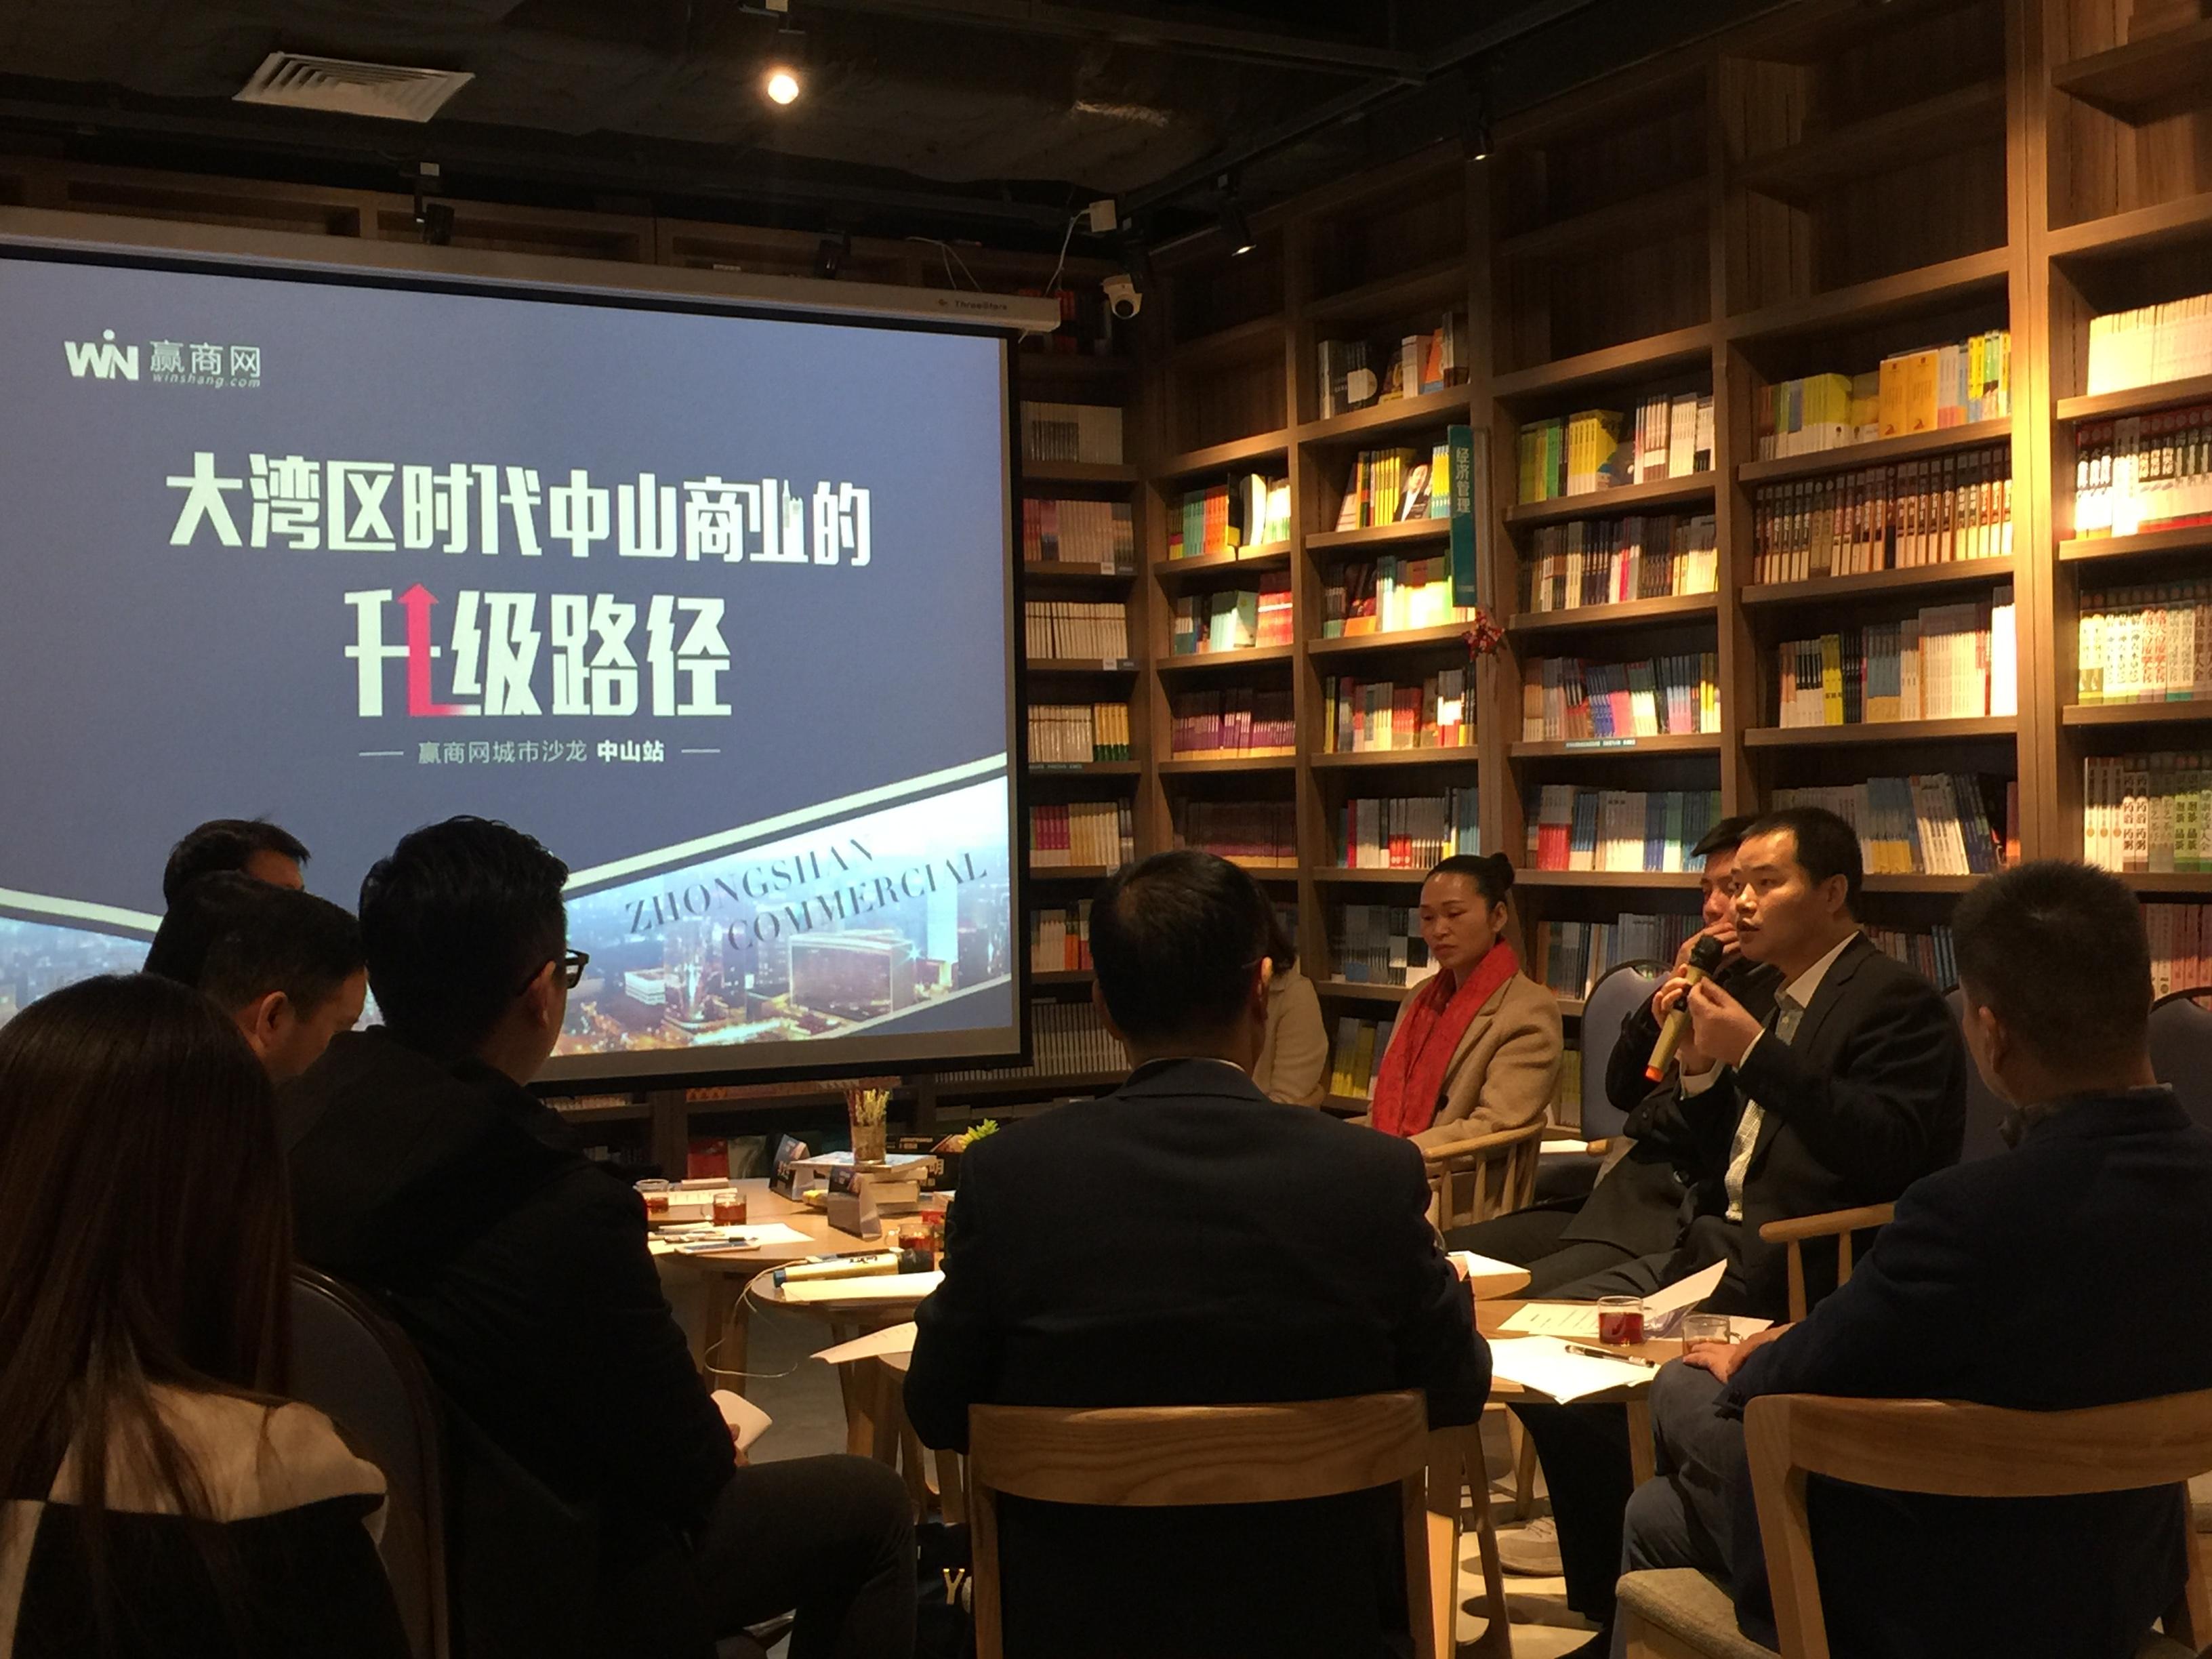 奥亦乐园出席赢商网中山站、深圳站城市沙龙